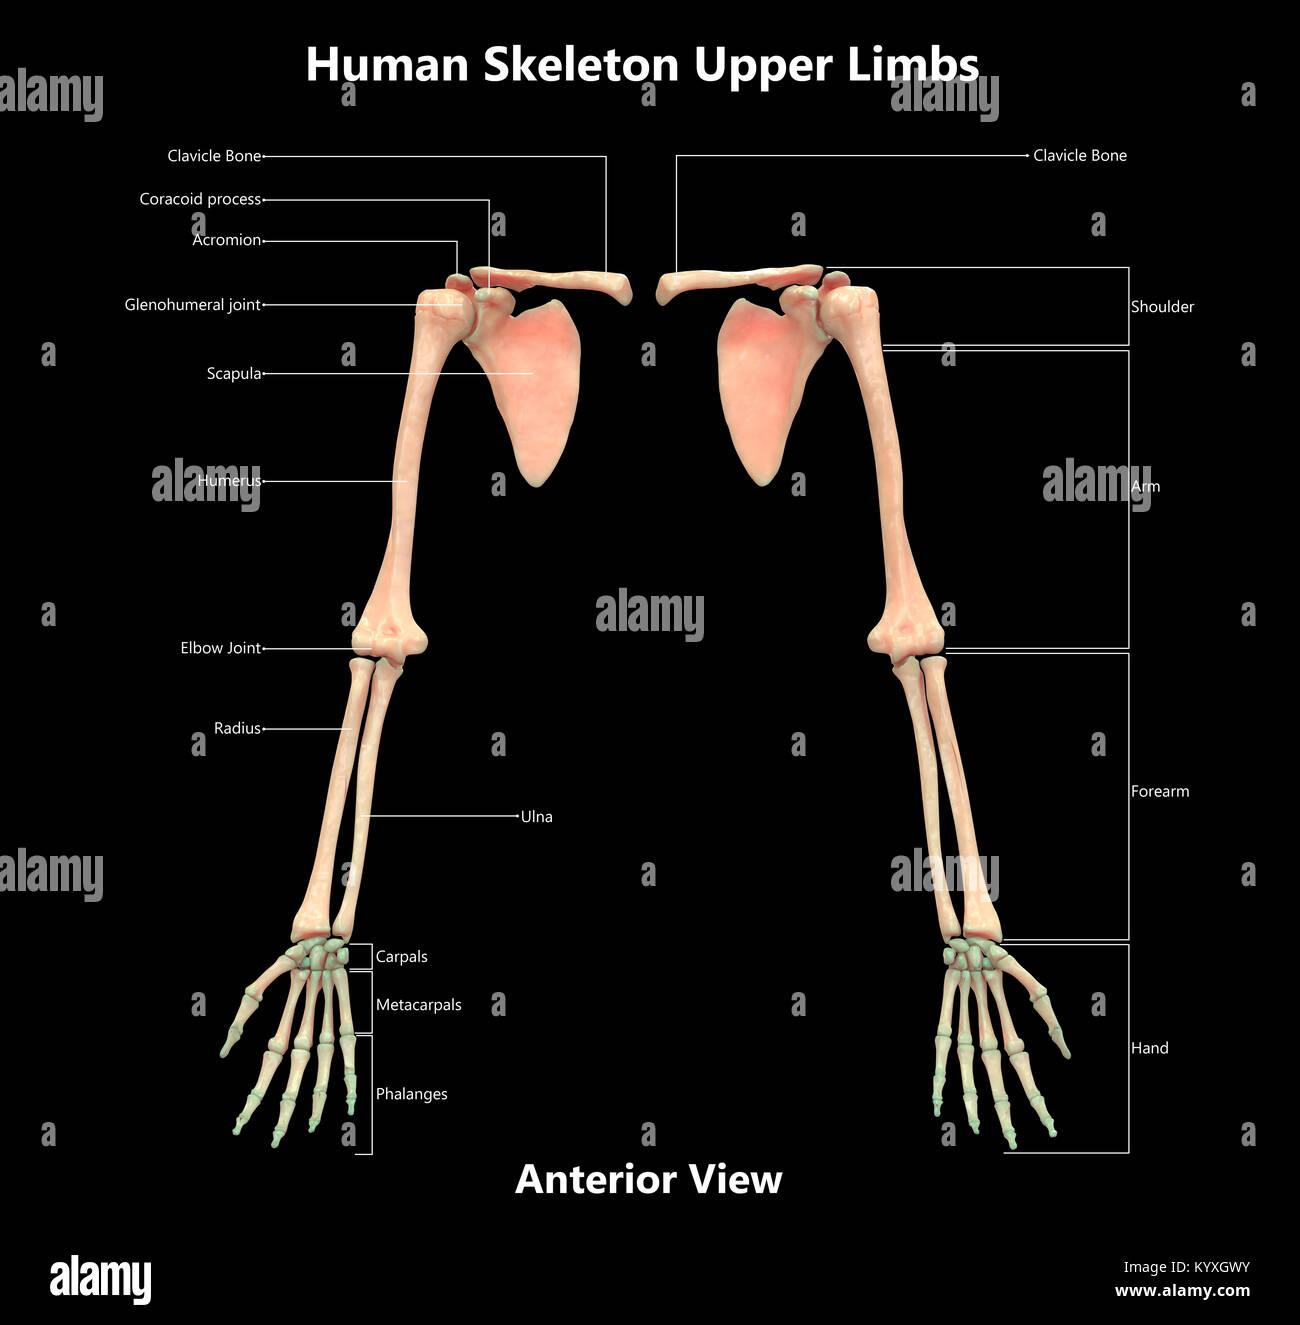 Human Skeleton System Upper Limbs Label Design Anterior